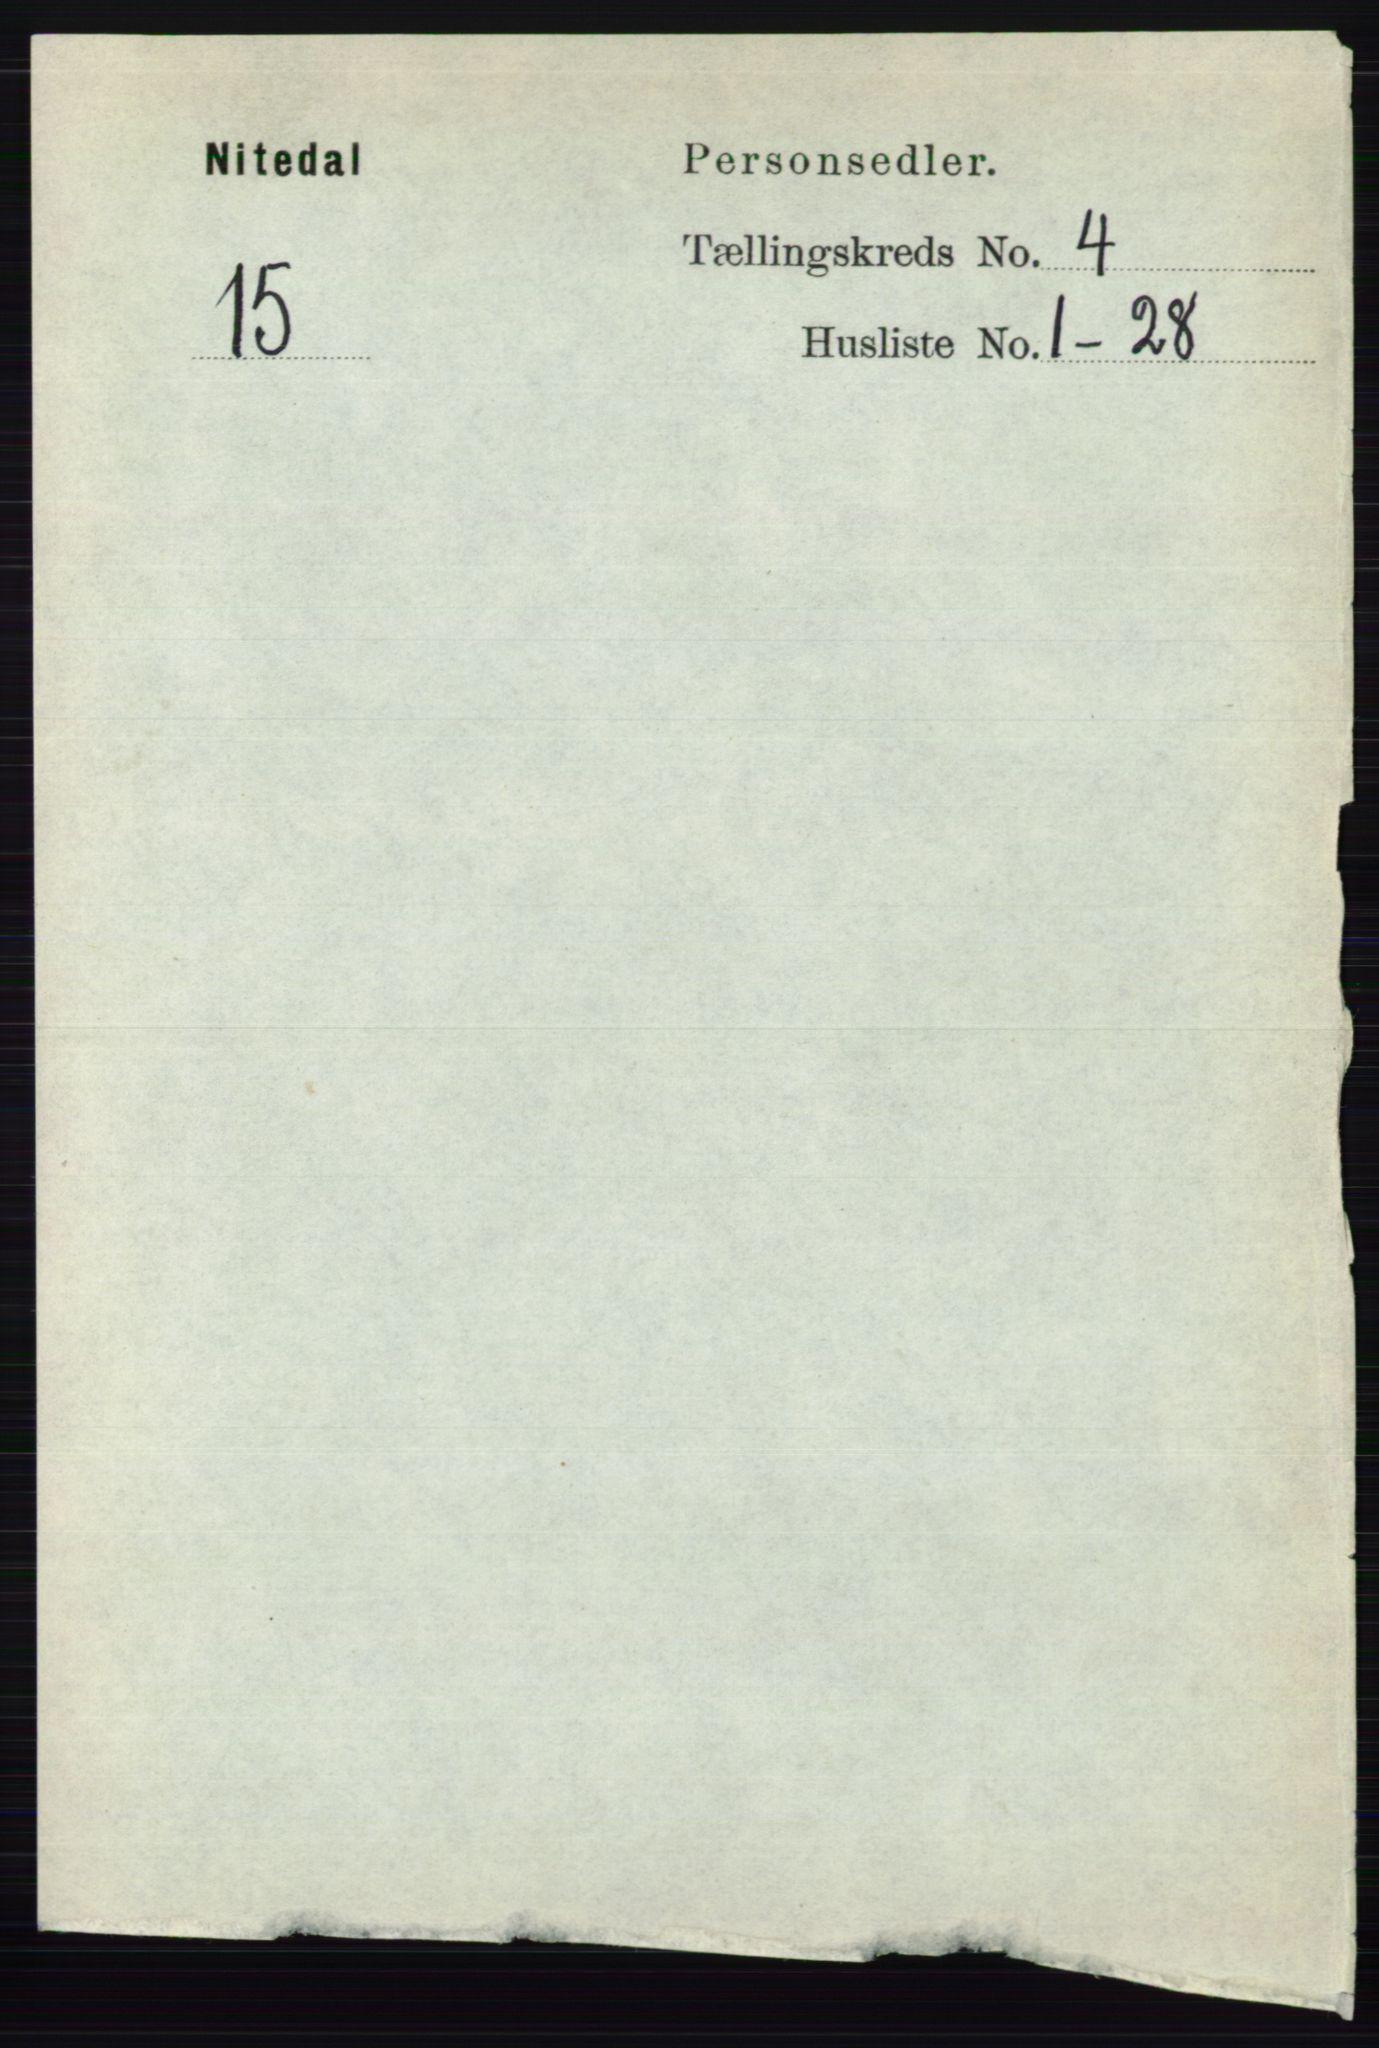 RA, Folketelling 1891 for 0233 Nittedal herred, 1891, s. 1700